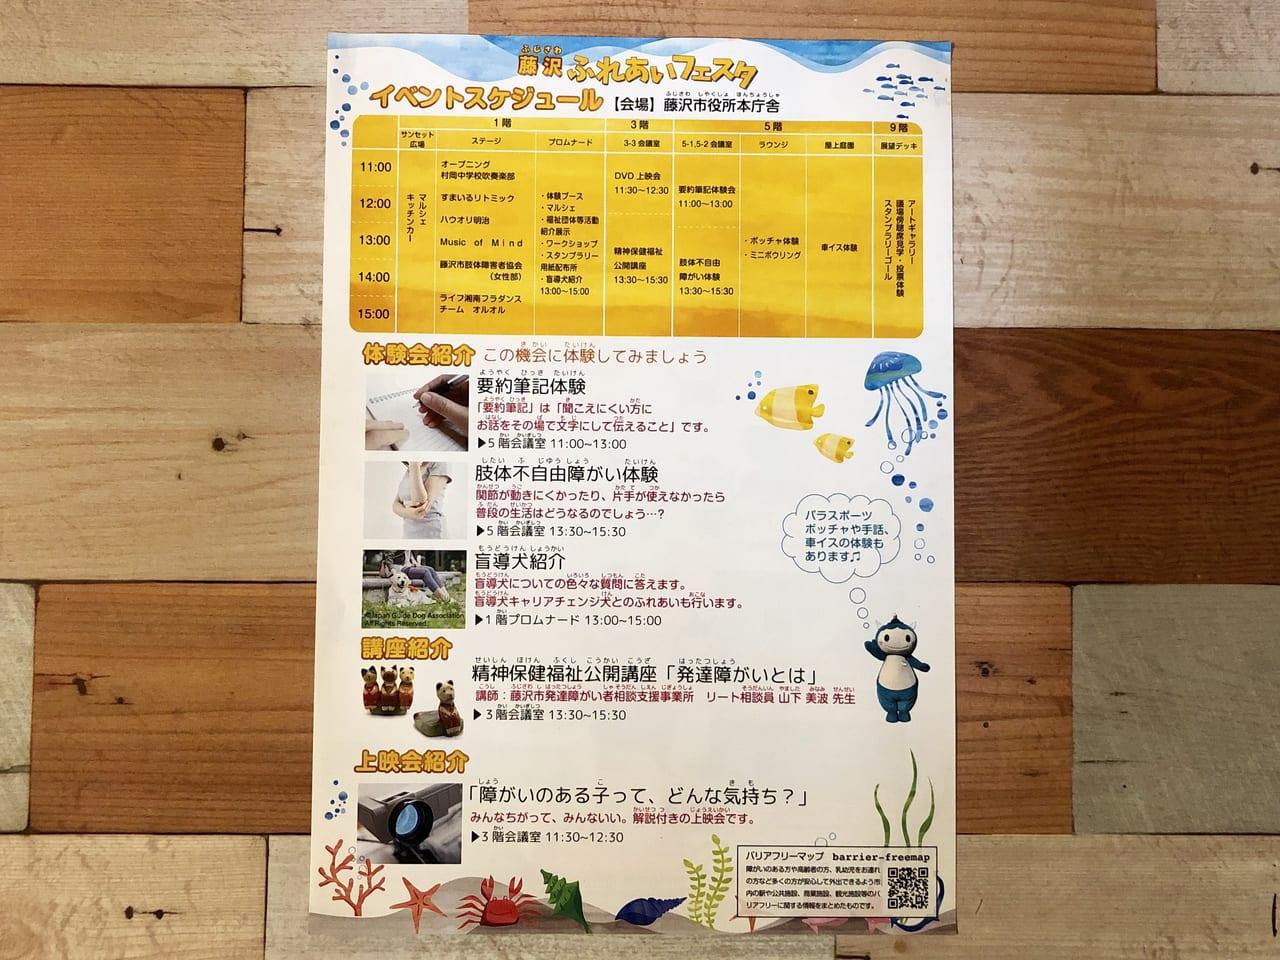 藤沢ふれあいフェスタ2019のチラシ2